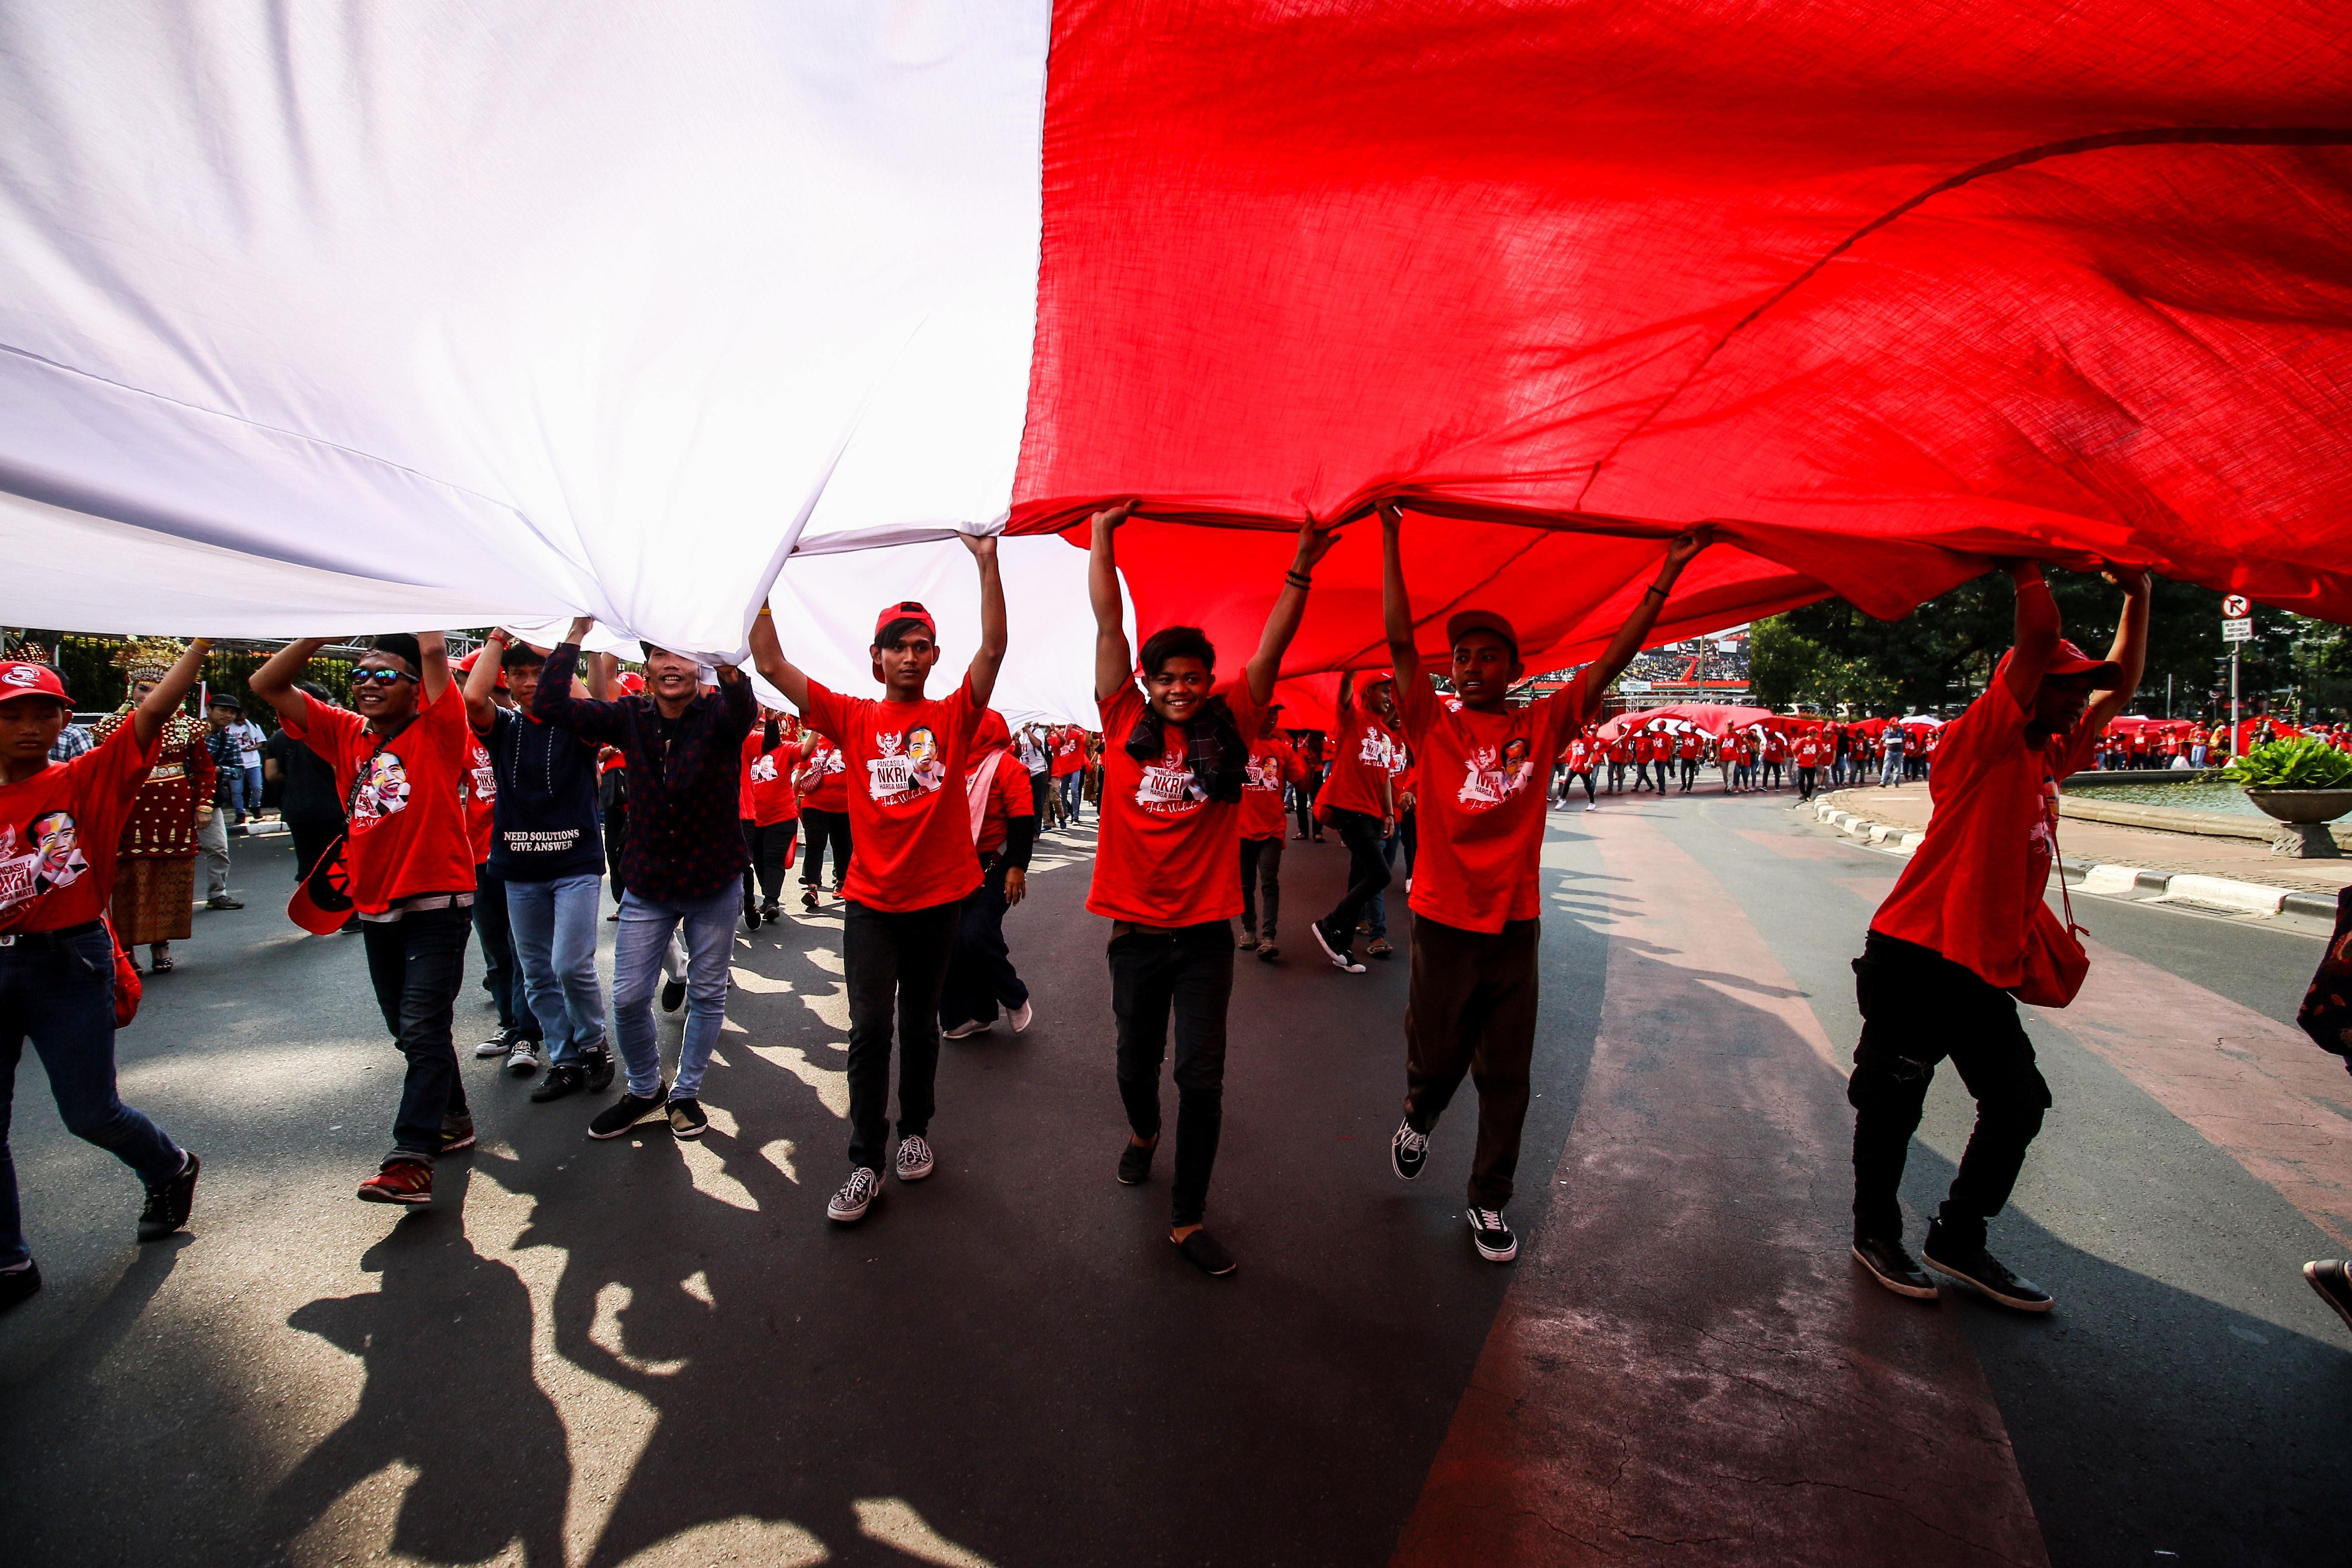 Relawan mengikuti pesta rakyat di kawasan Patung Kuda, Jakarta, Minggu (20/10/2019). Pesta rakyat tersebut untuk menyambut Presiden dan Wakil Presiden periode 2019-2024 Joko Widodo-Ma\'ruf Amin.